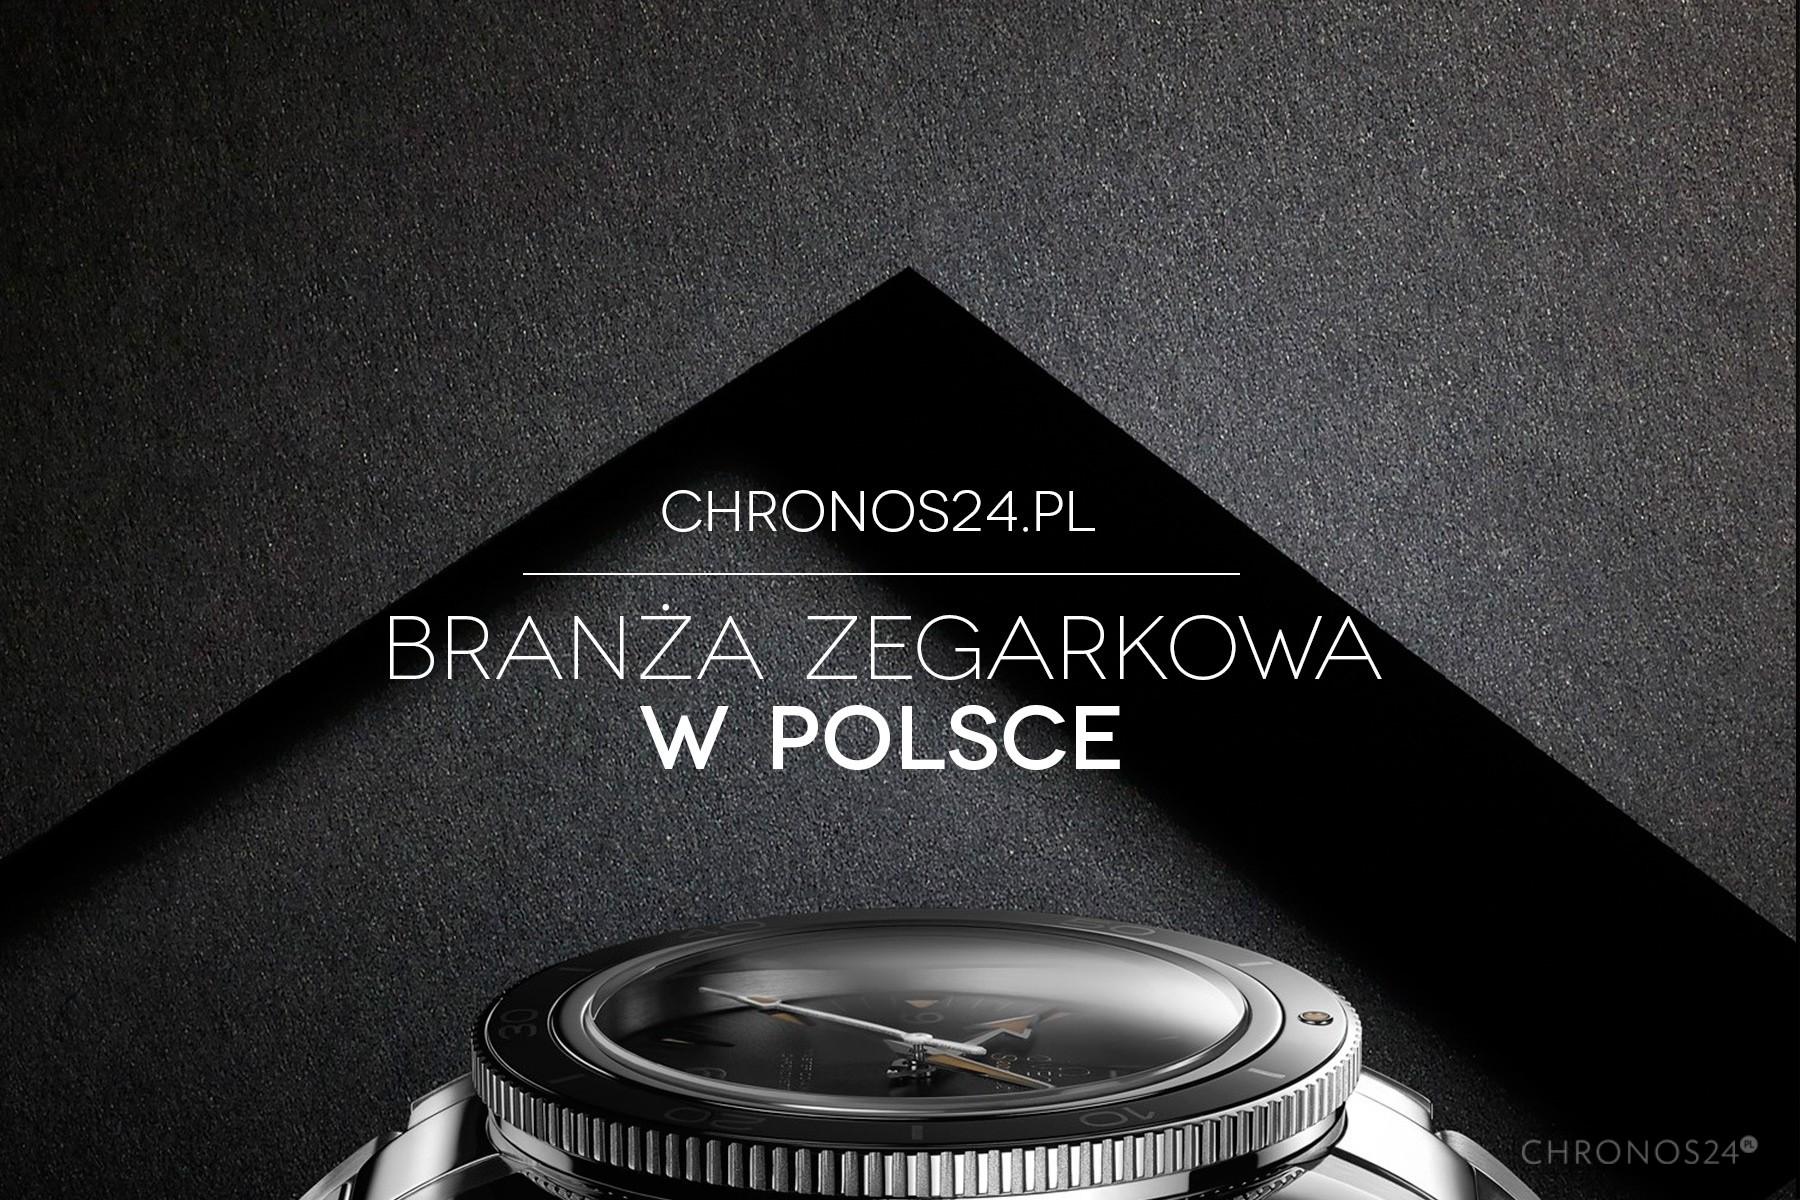 Branża zegarkowa w Polsce